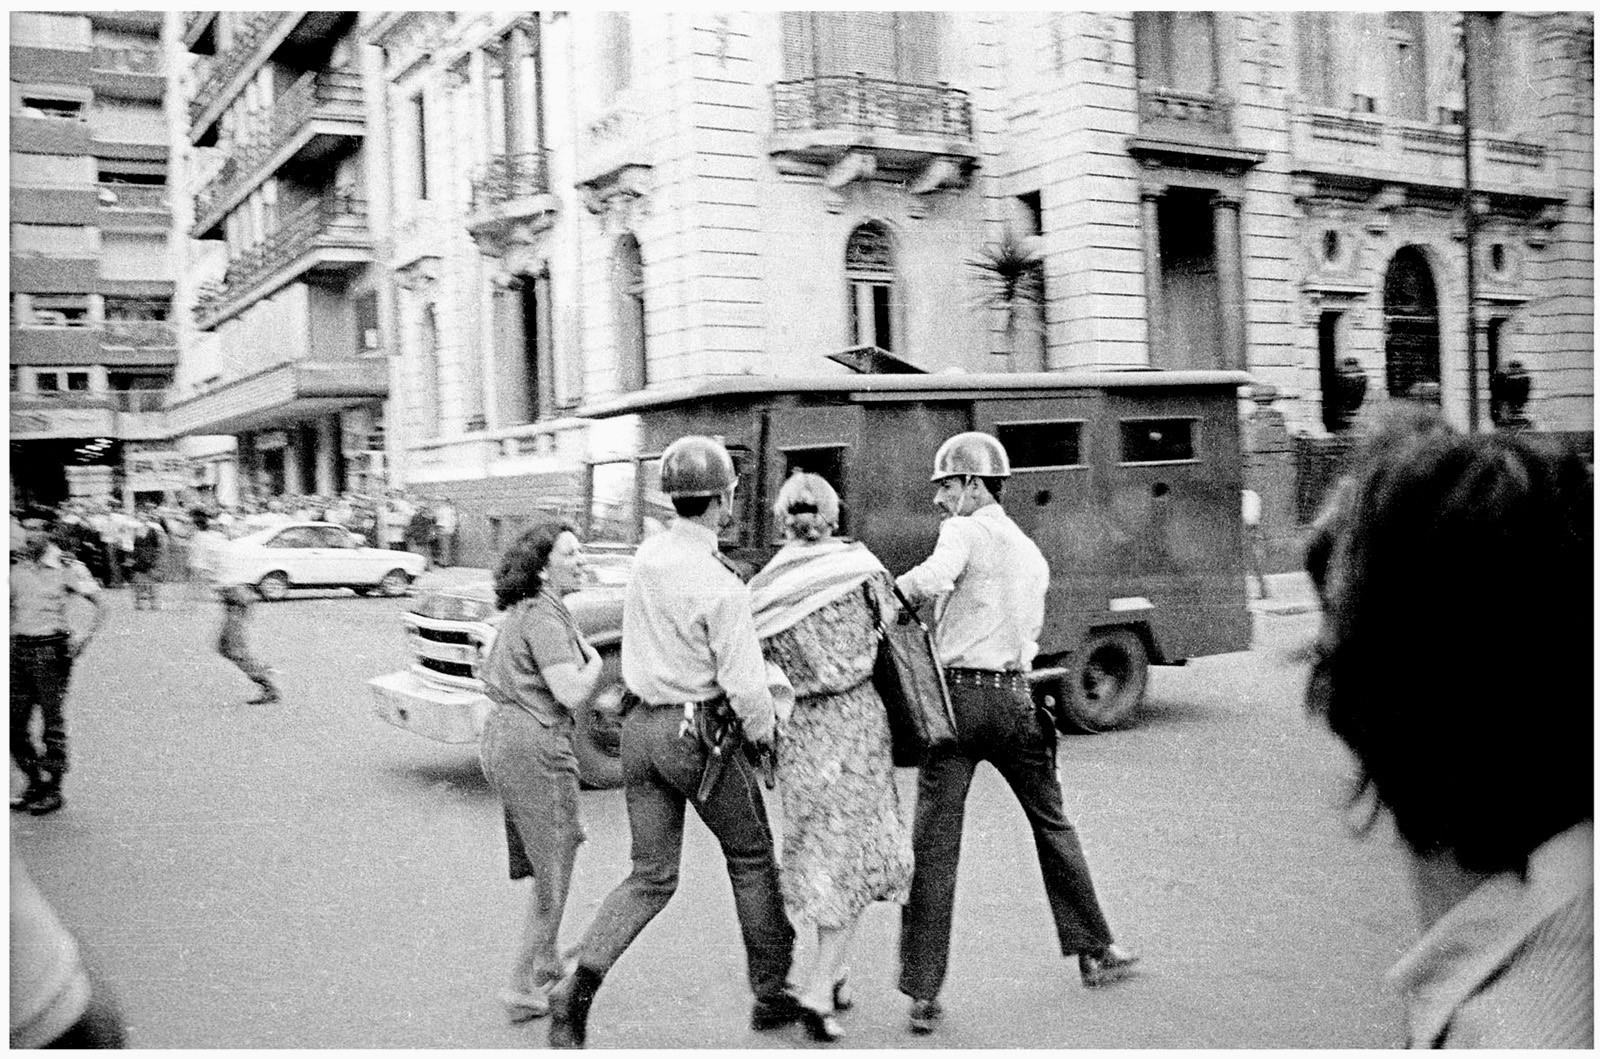 Manifestación frente al edificio de la Suprema Corte de Justicia reclamando la liberación de Wilson Ferreira, Plaza Cagancha, Montevideo, 14 de noviembre de 1984